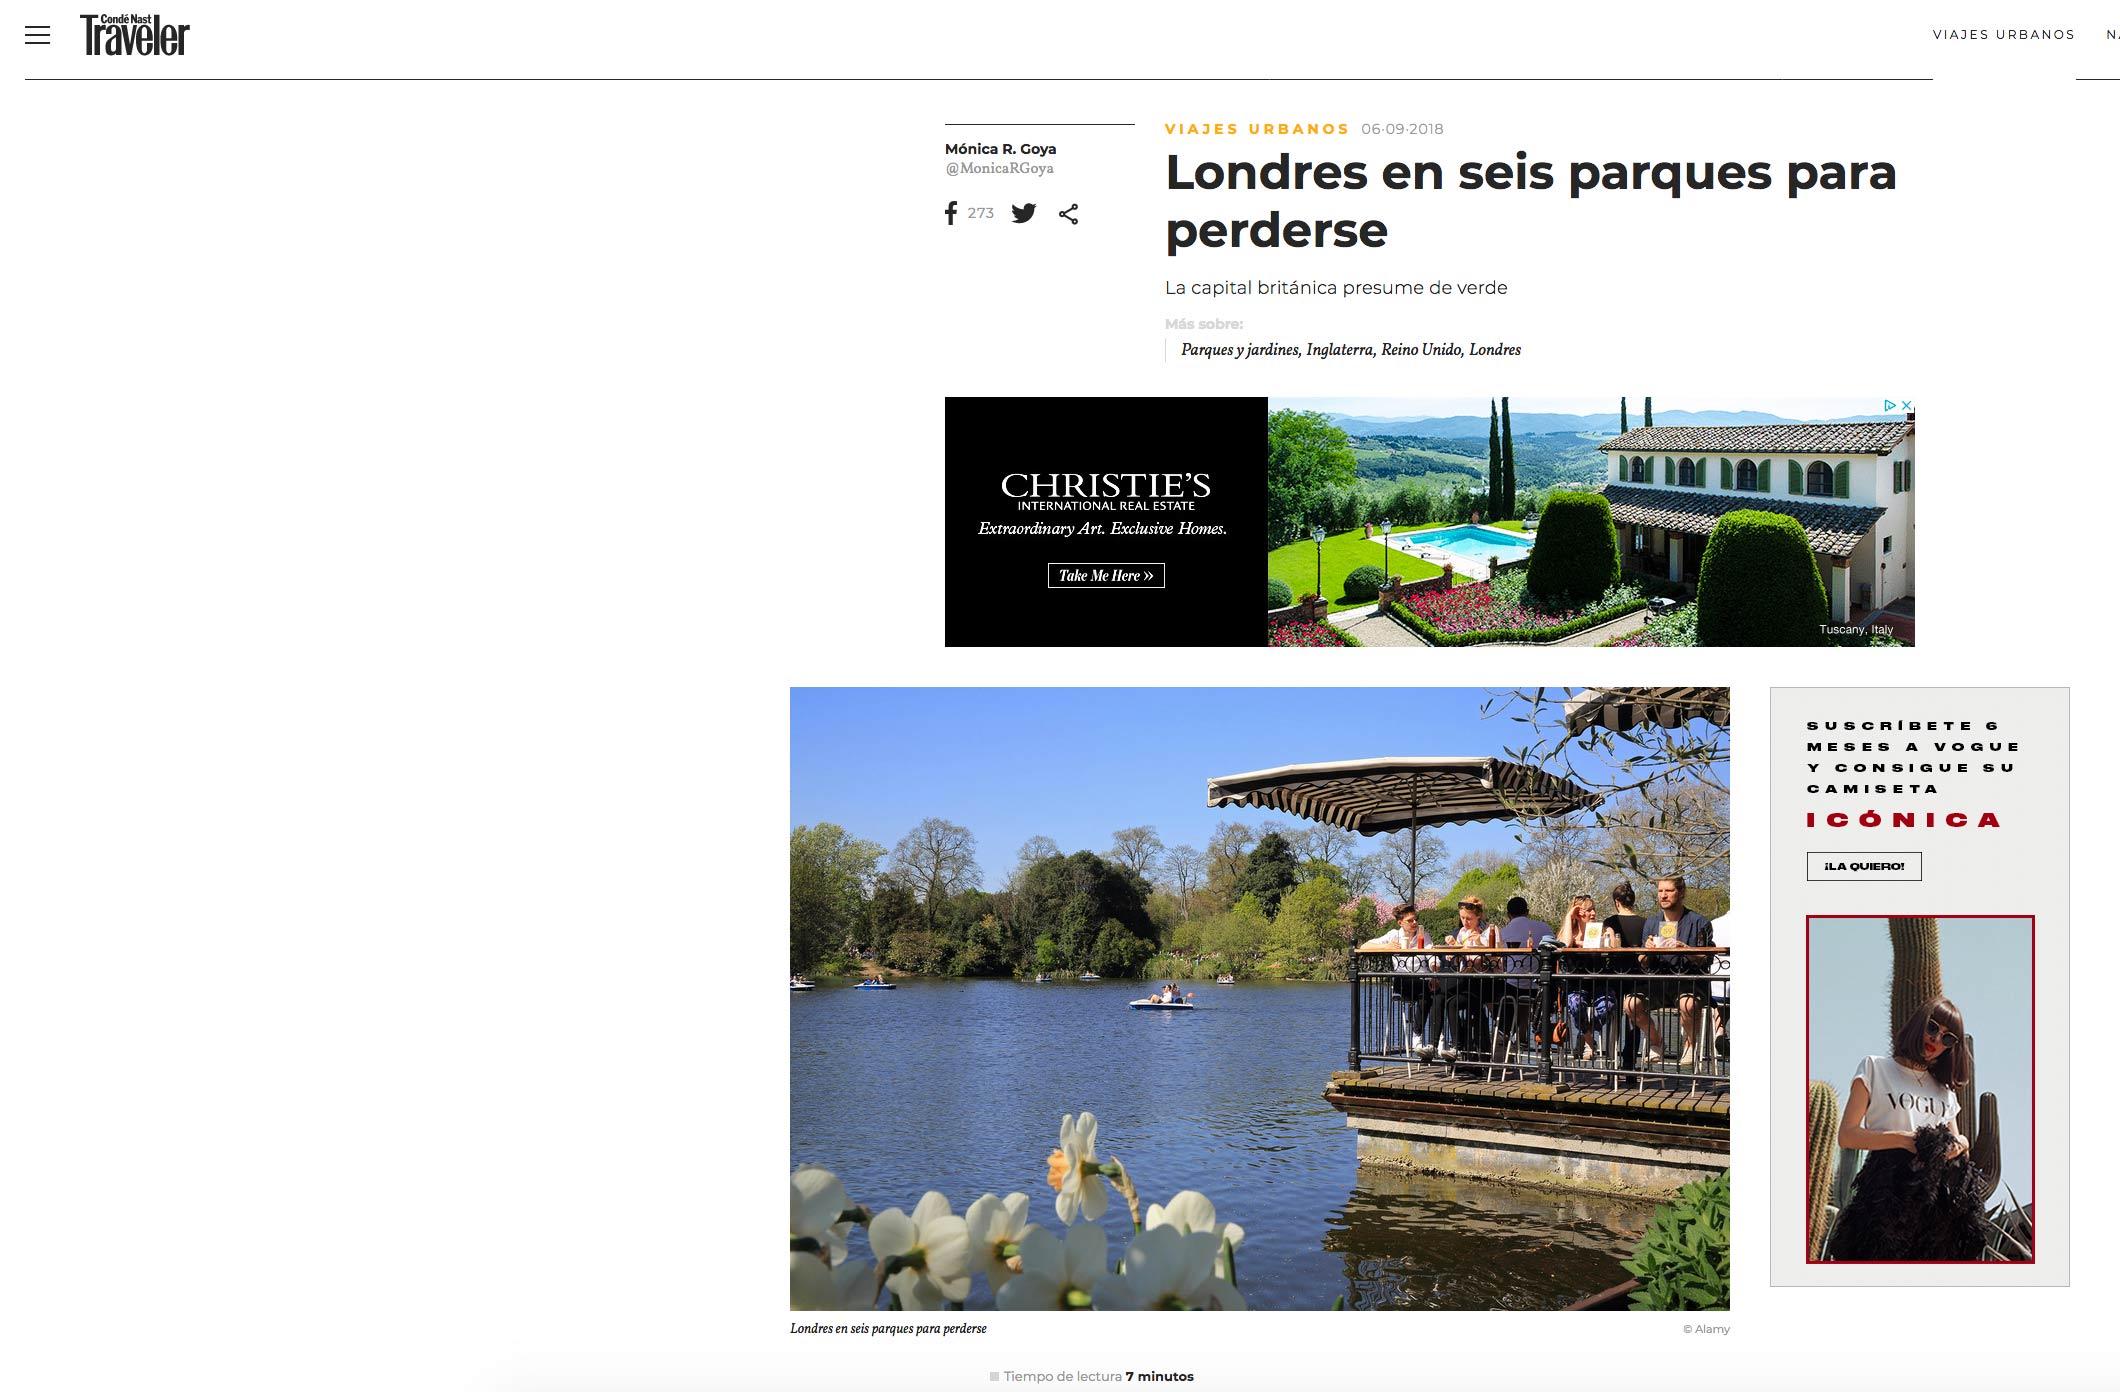 london-parks-cntraveler.jpg